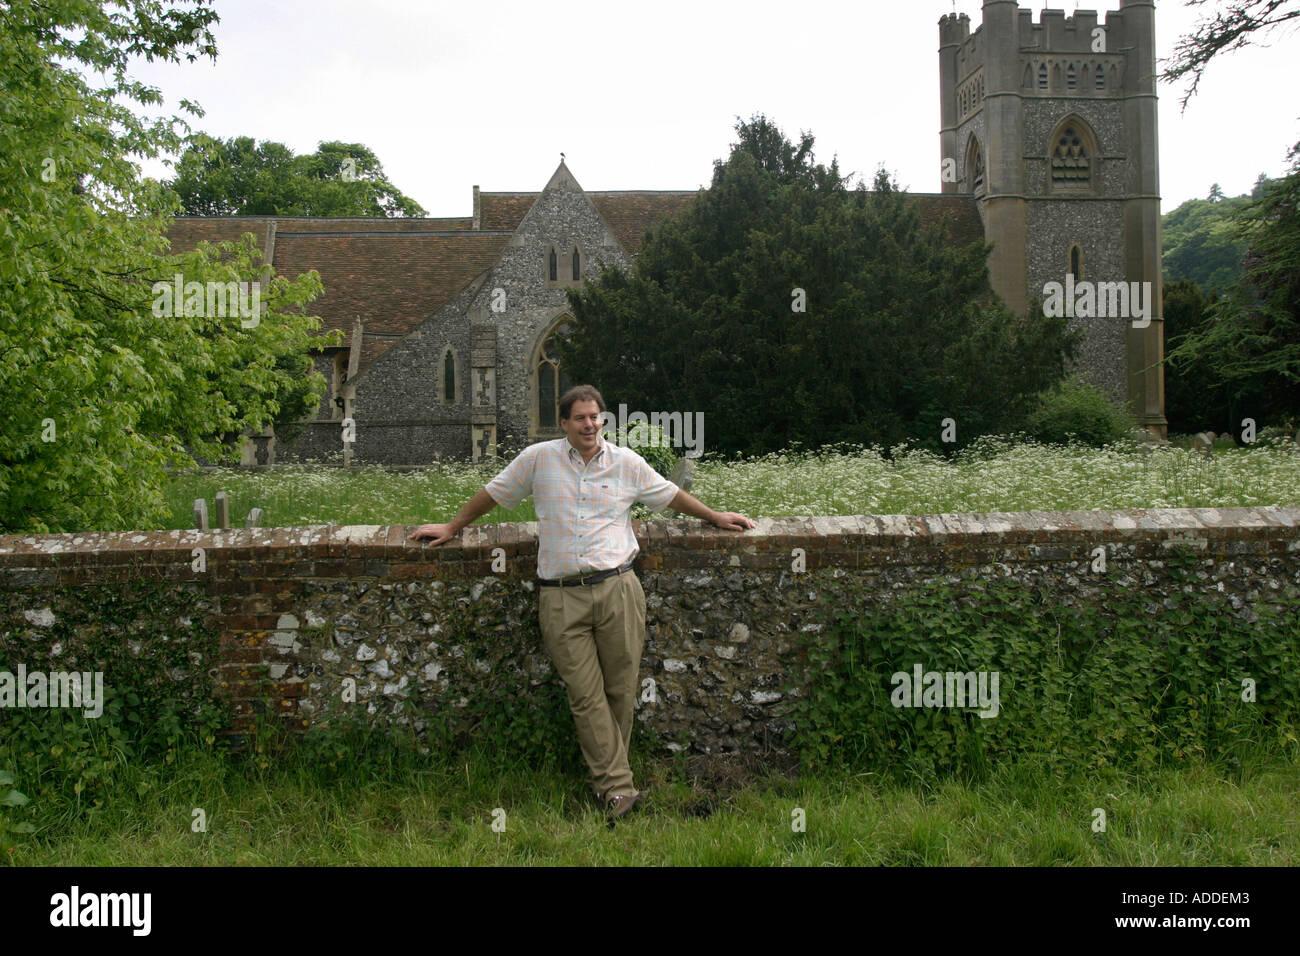 Hambleden:  Henry Smith, 48,  heir to Viscount Hambleden, beside the village church yard. - Stock Image